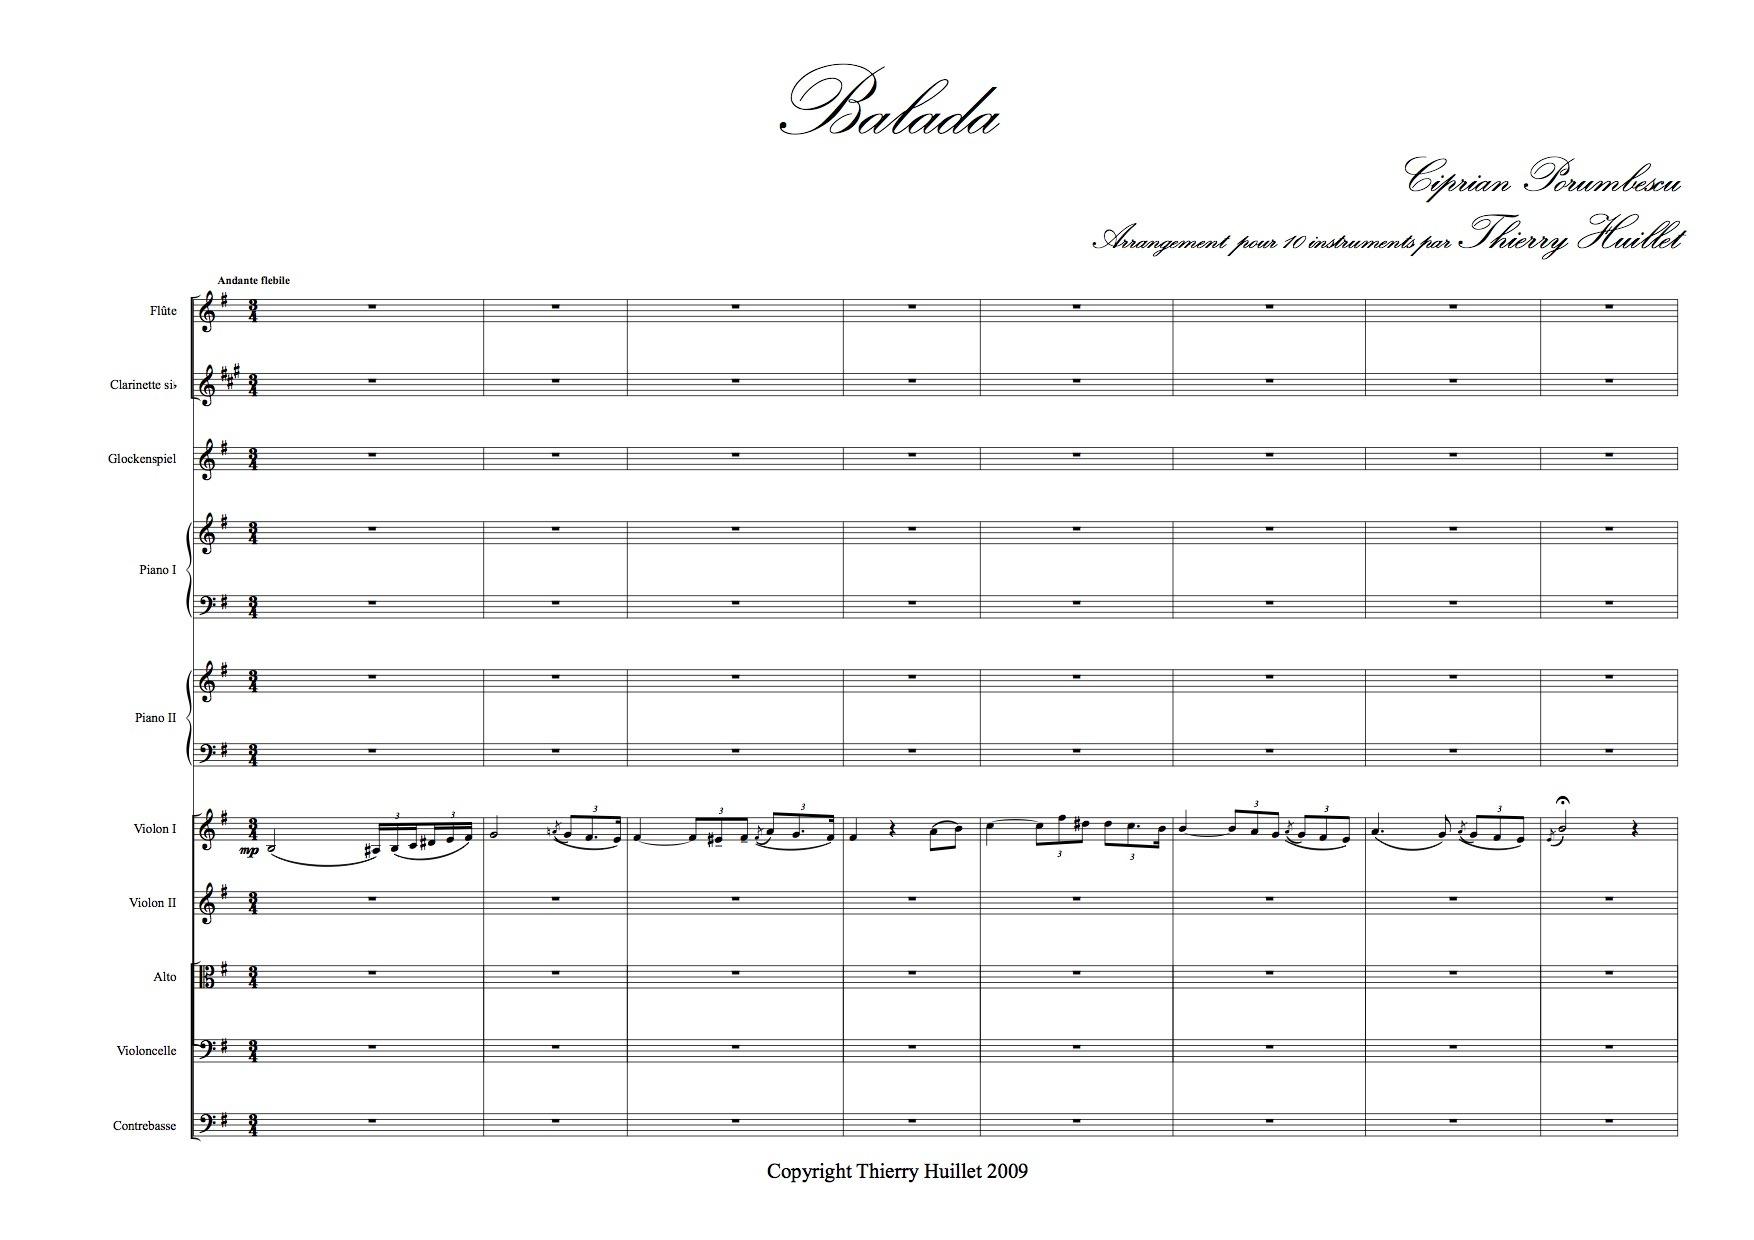 Thierryhuillet Balada10instruments Scoreparts2